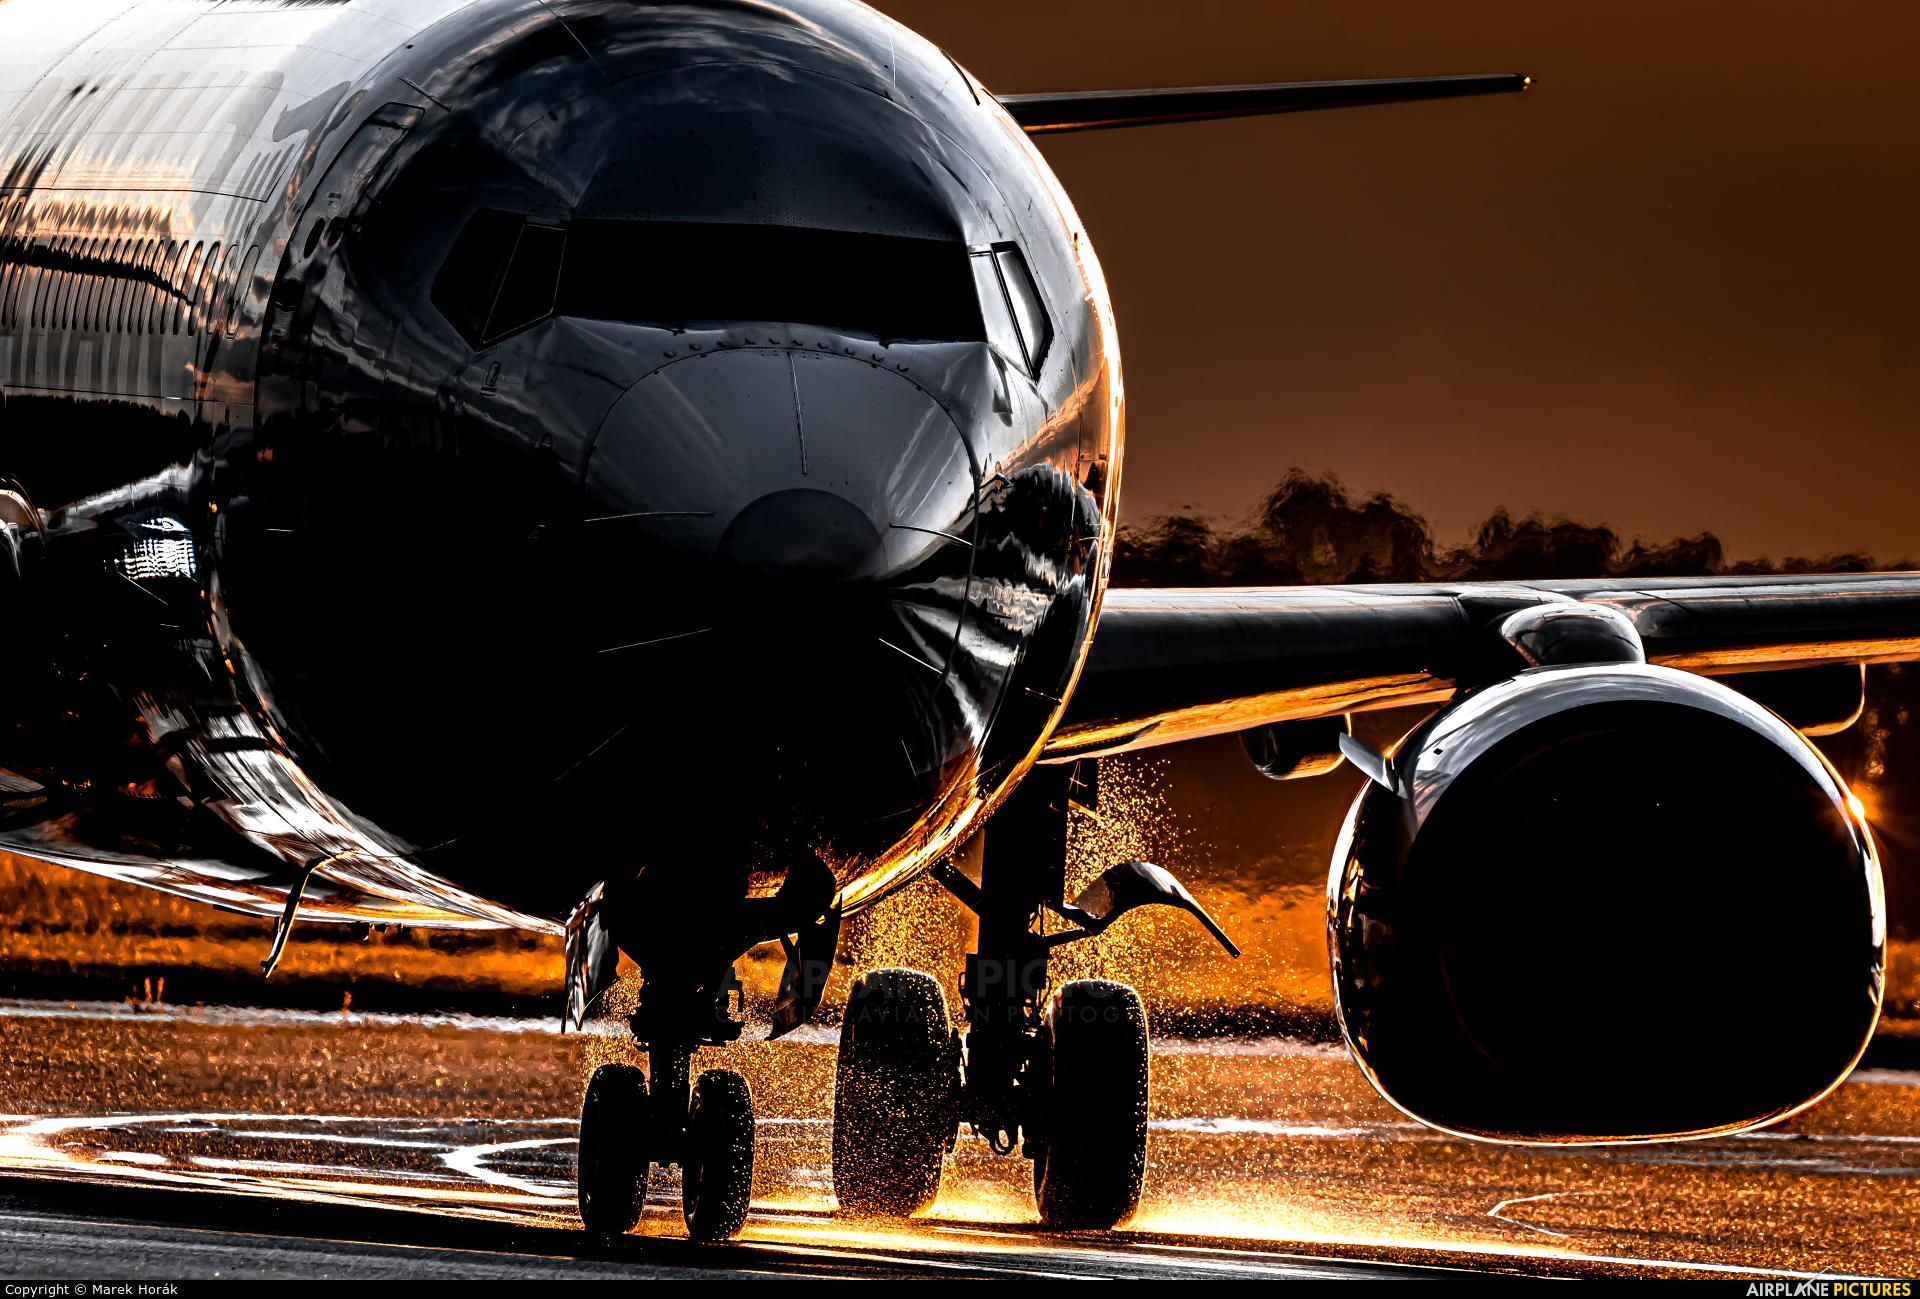 Malta Air 9H-QCX aircraft at Prague - Václav Havel